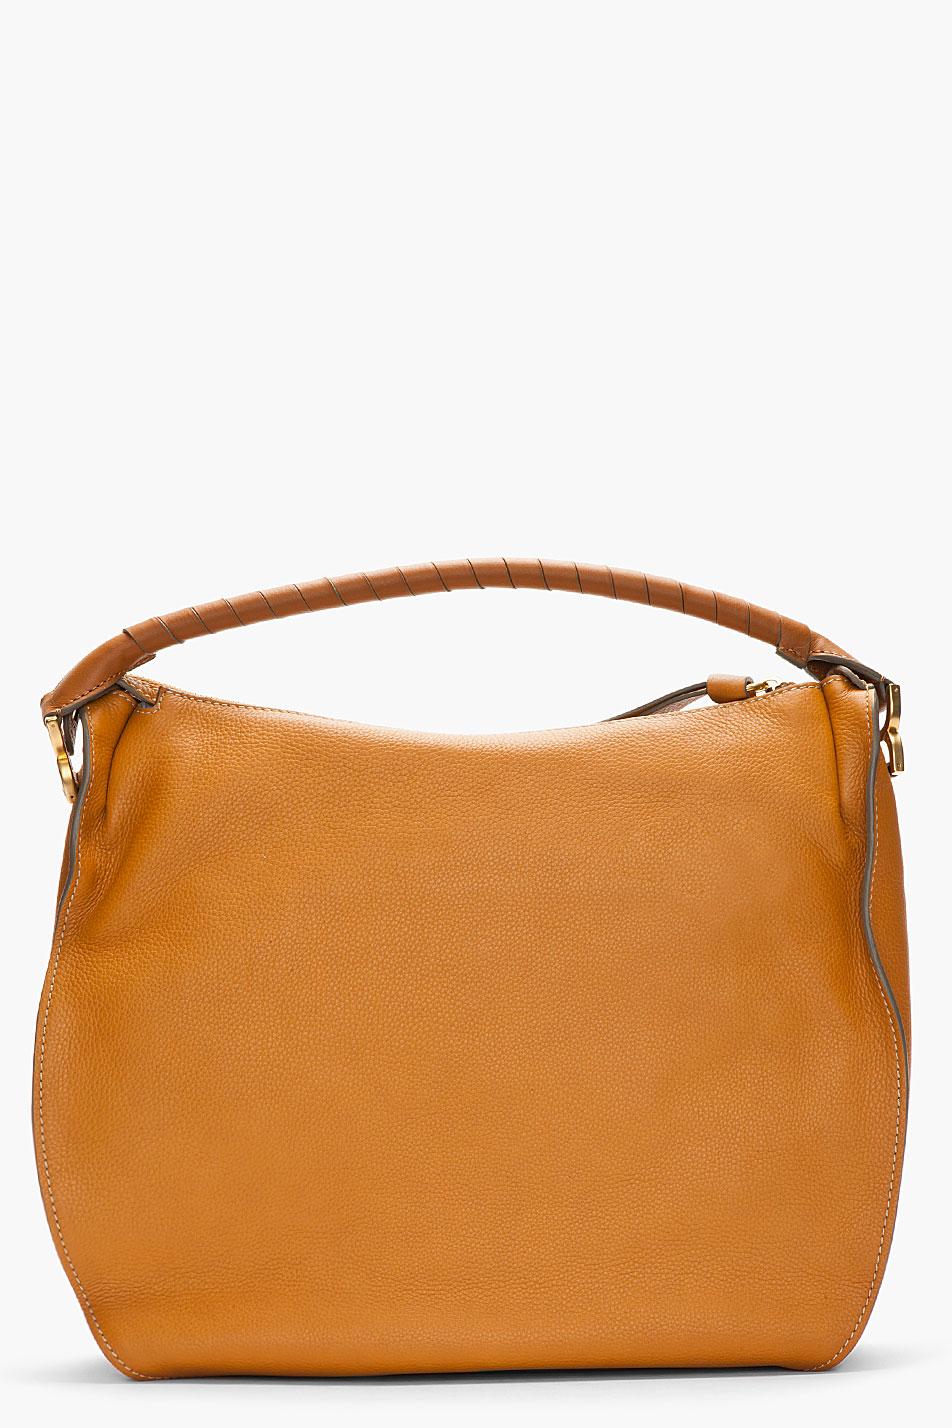 Chlo 233 Large Marcie Hobo Bag In Tan Brown Lyst